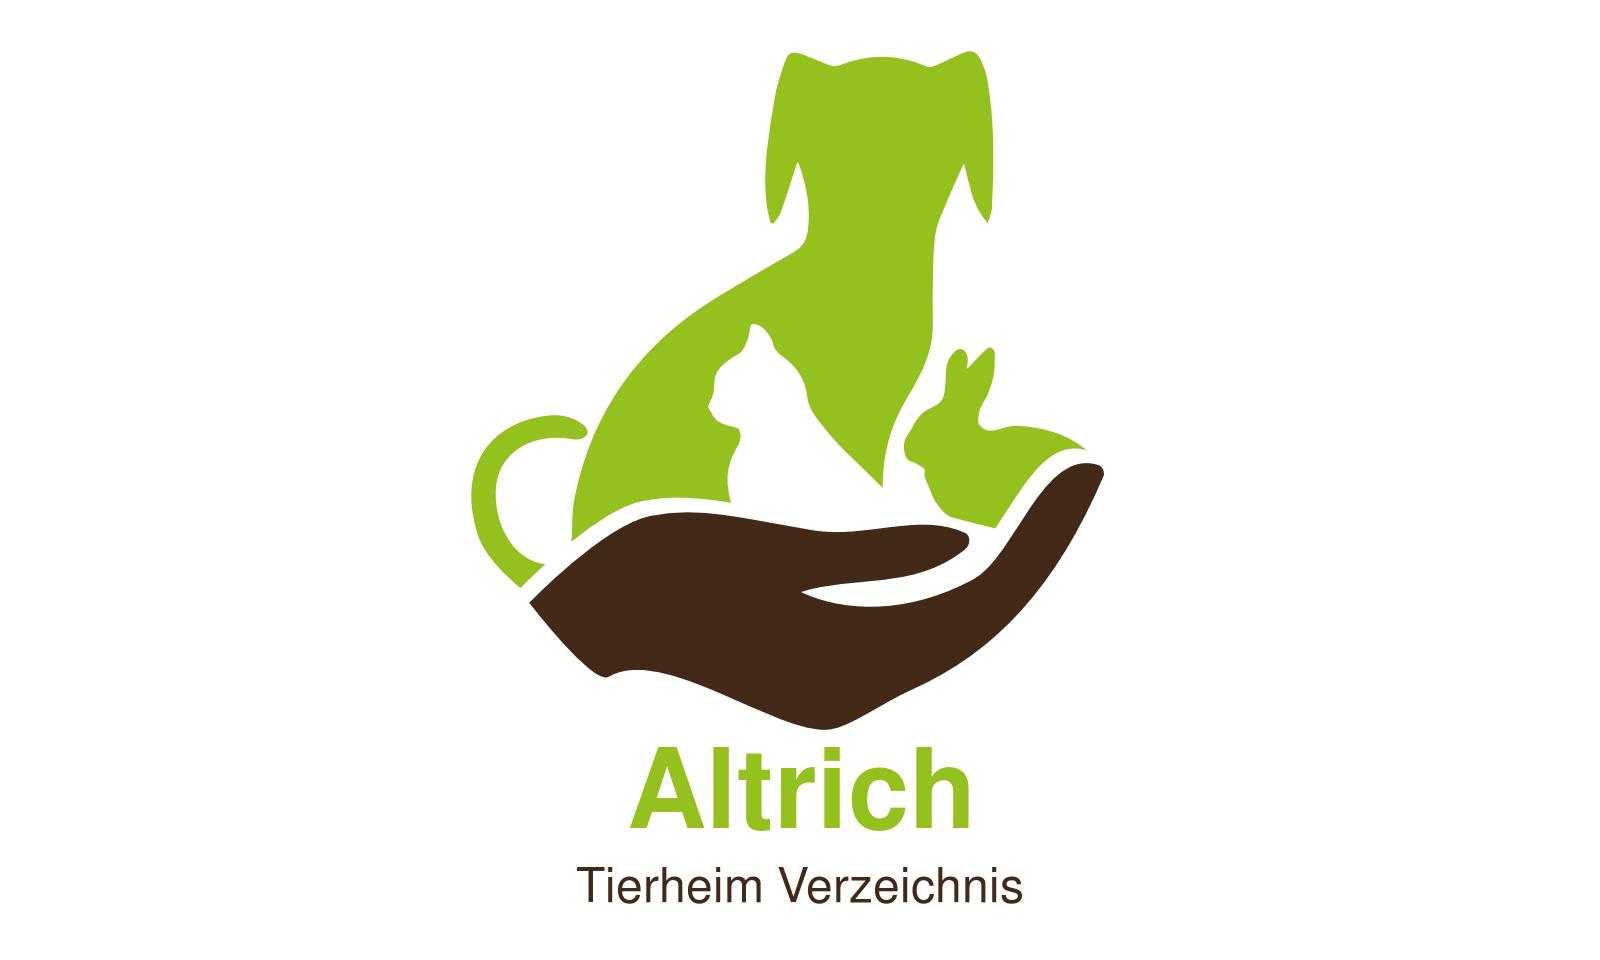 Tierheim Altrich